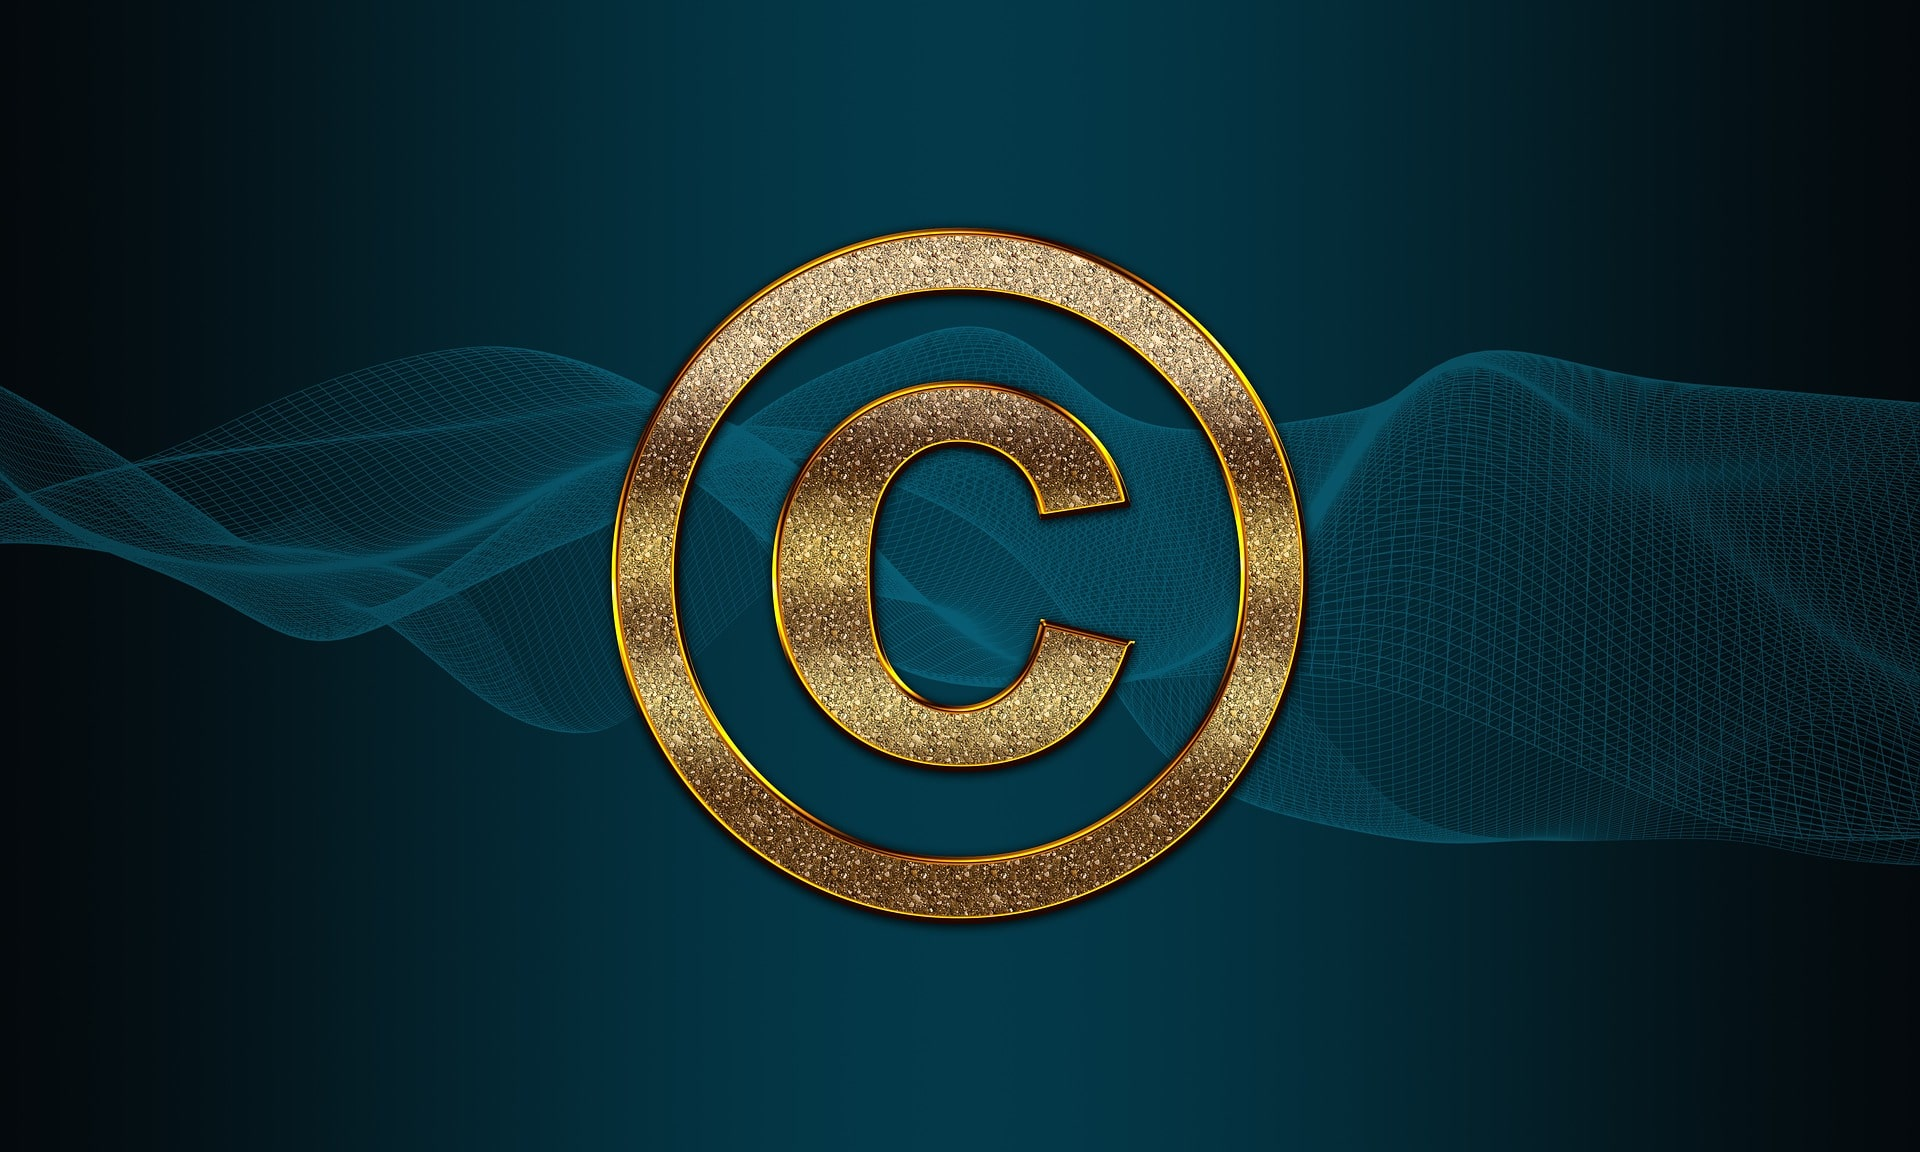 חקירות קניין רוחני וזכויות יוצרים